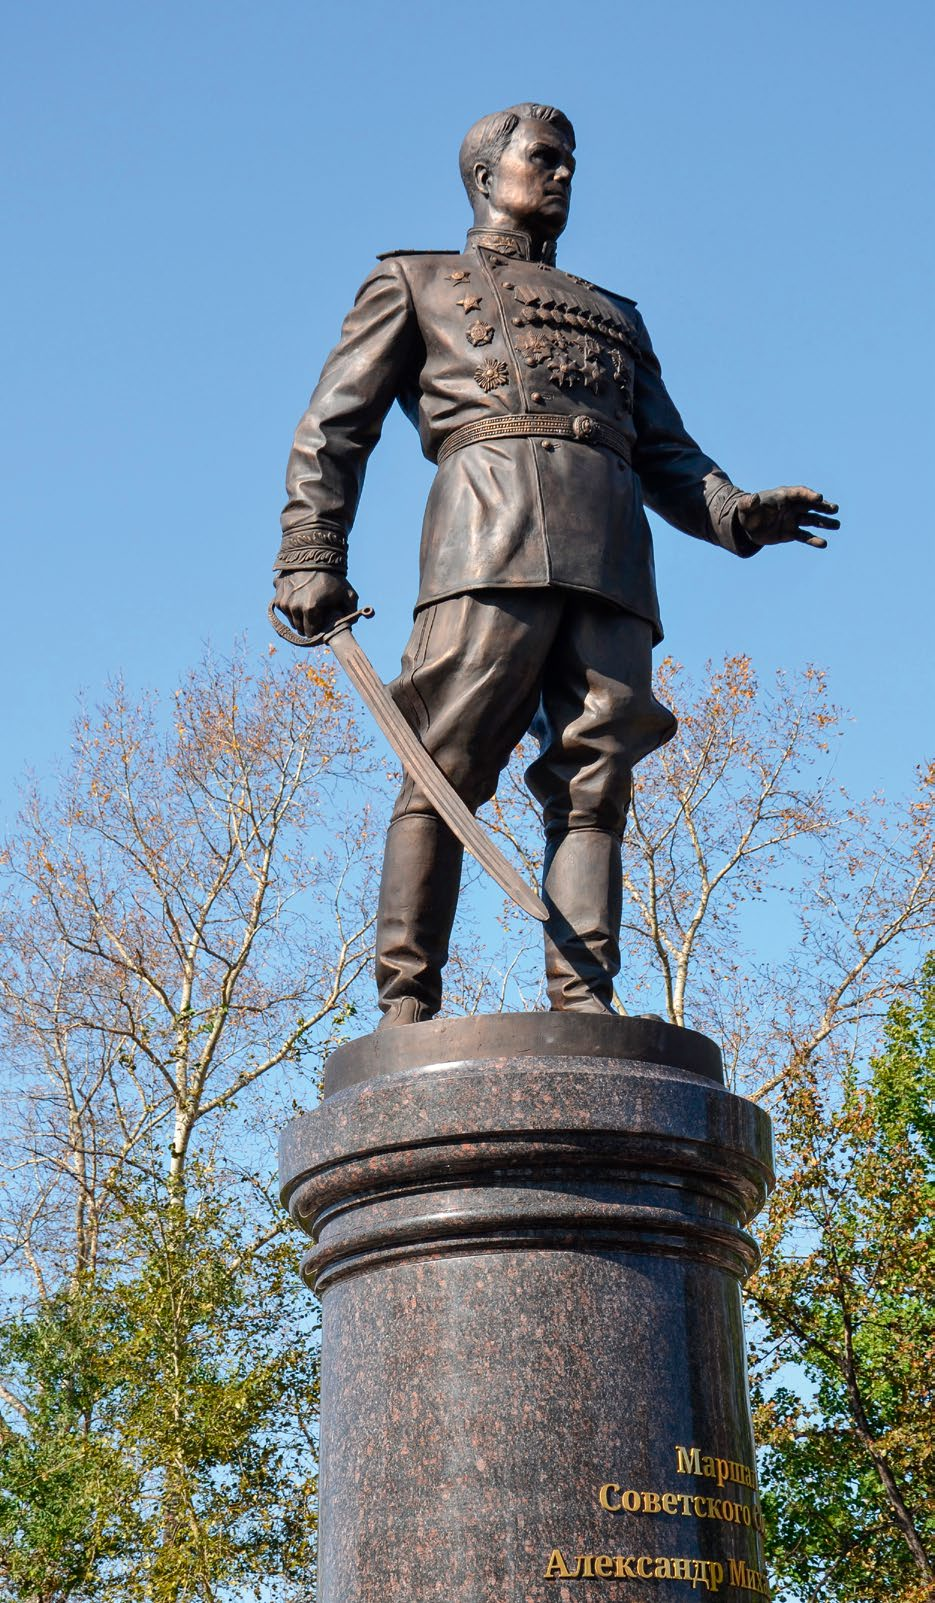 Памятник маршалу Советского Союза Александру Василевскому в Хабаровске